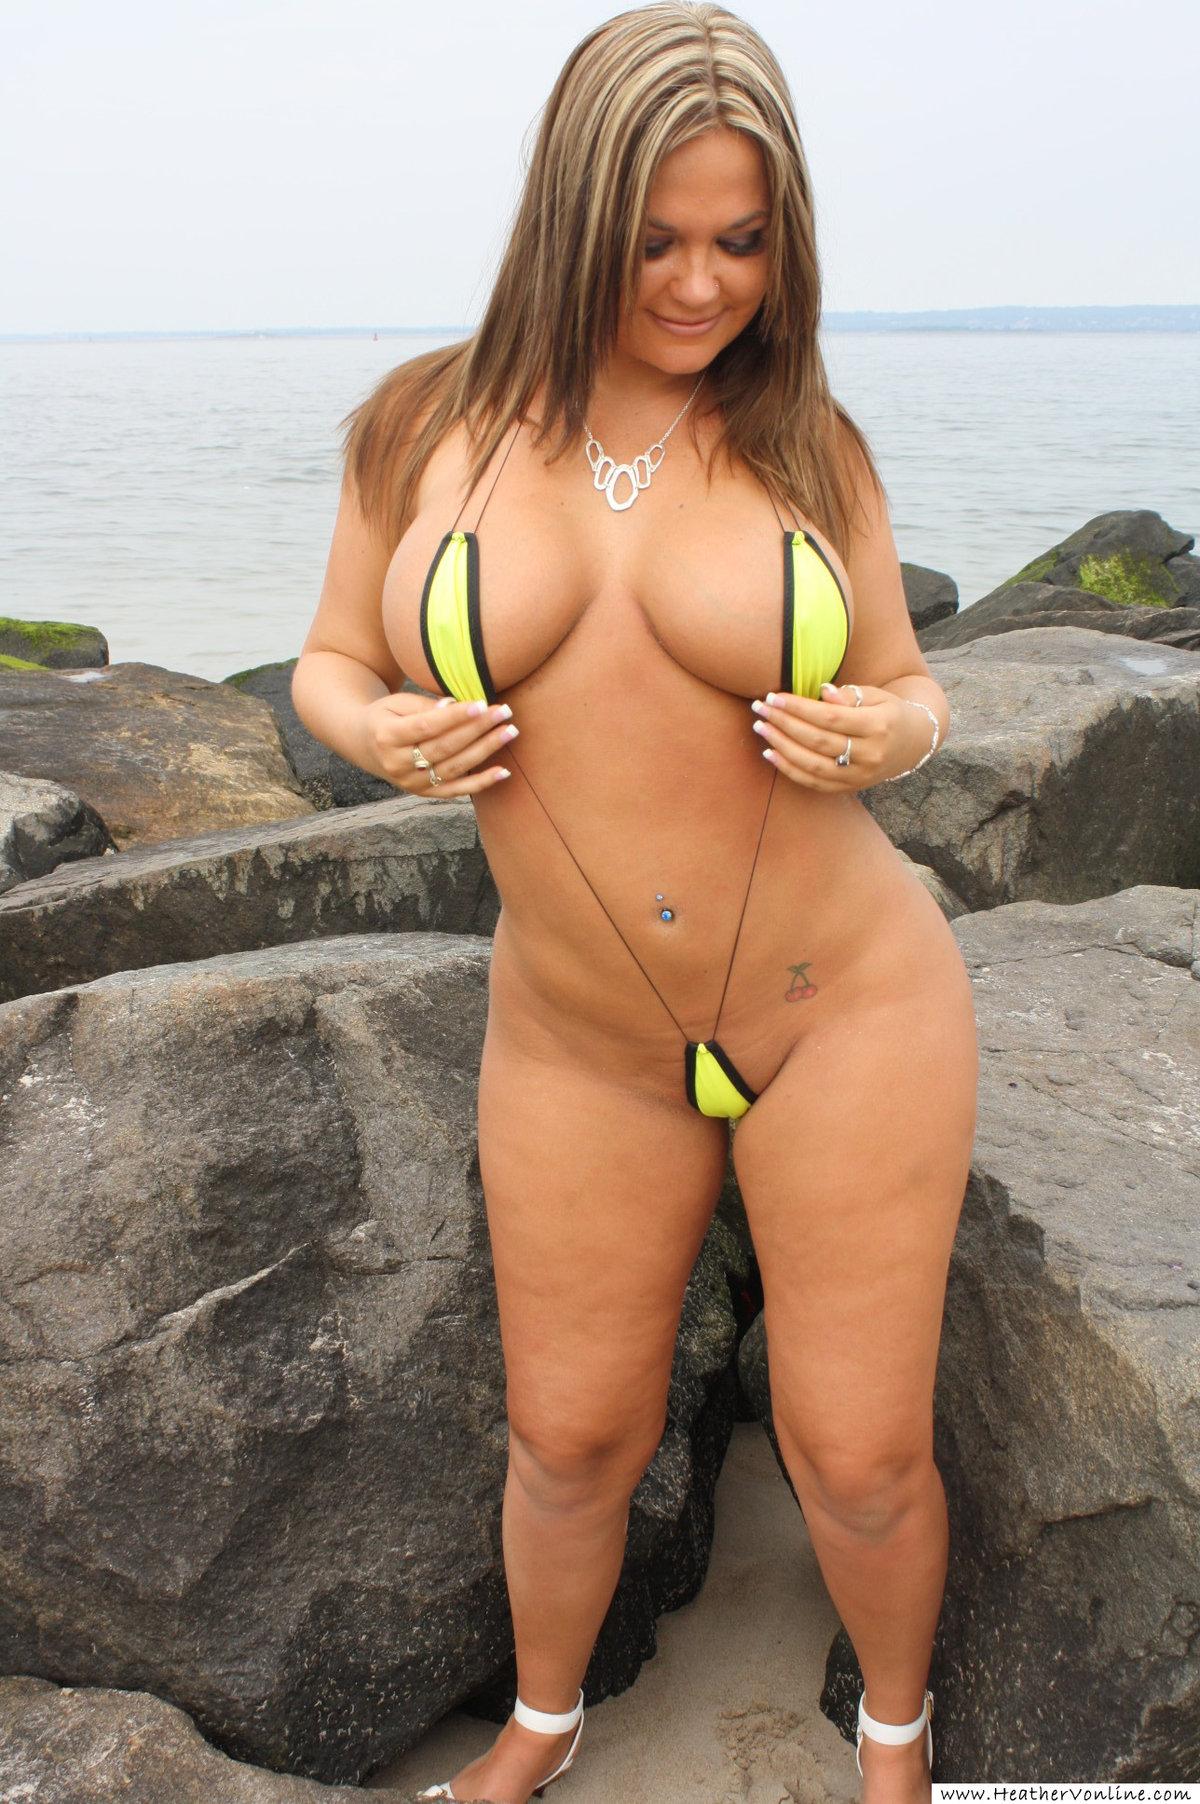 Пышка мадам с большой грудью без бикини #5